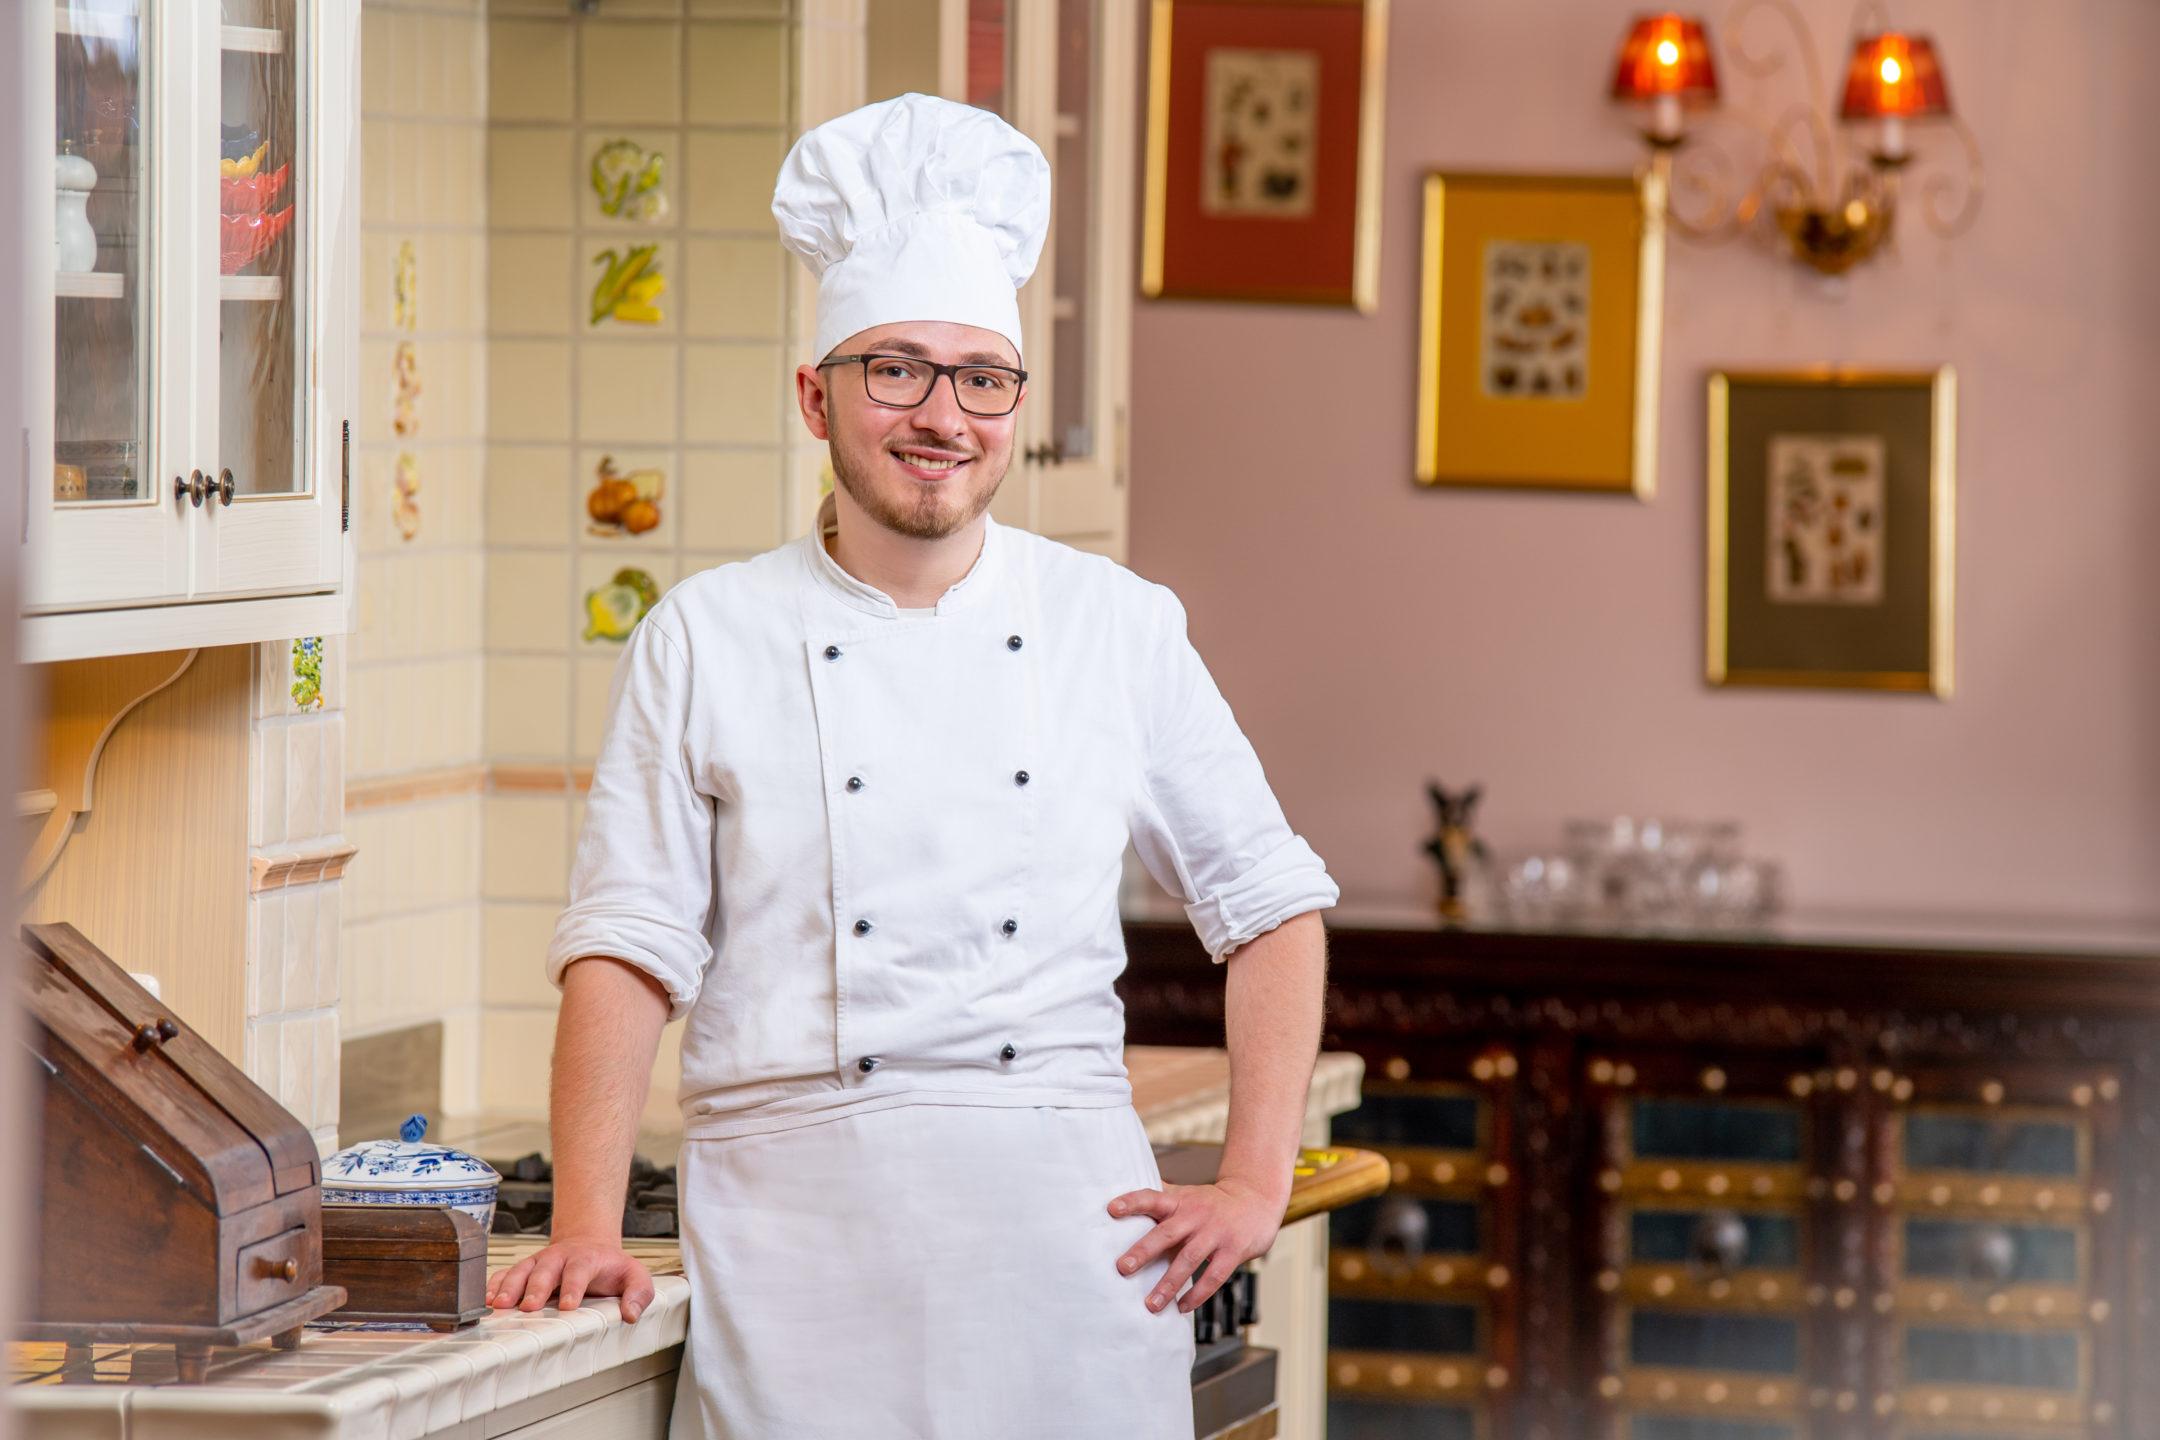 Küchenchef Portrait